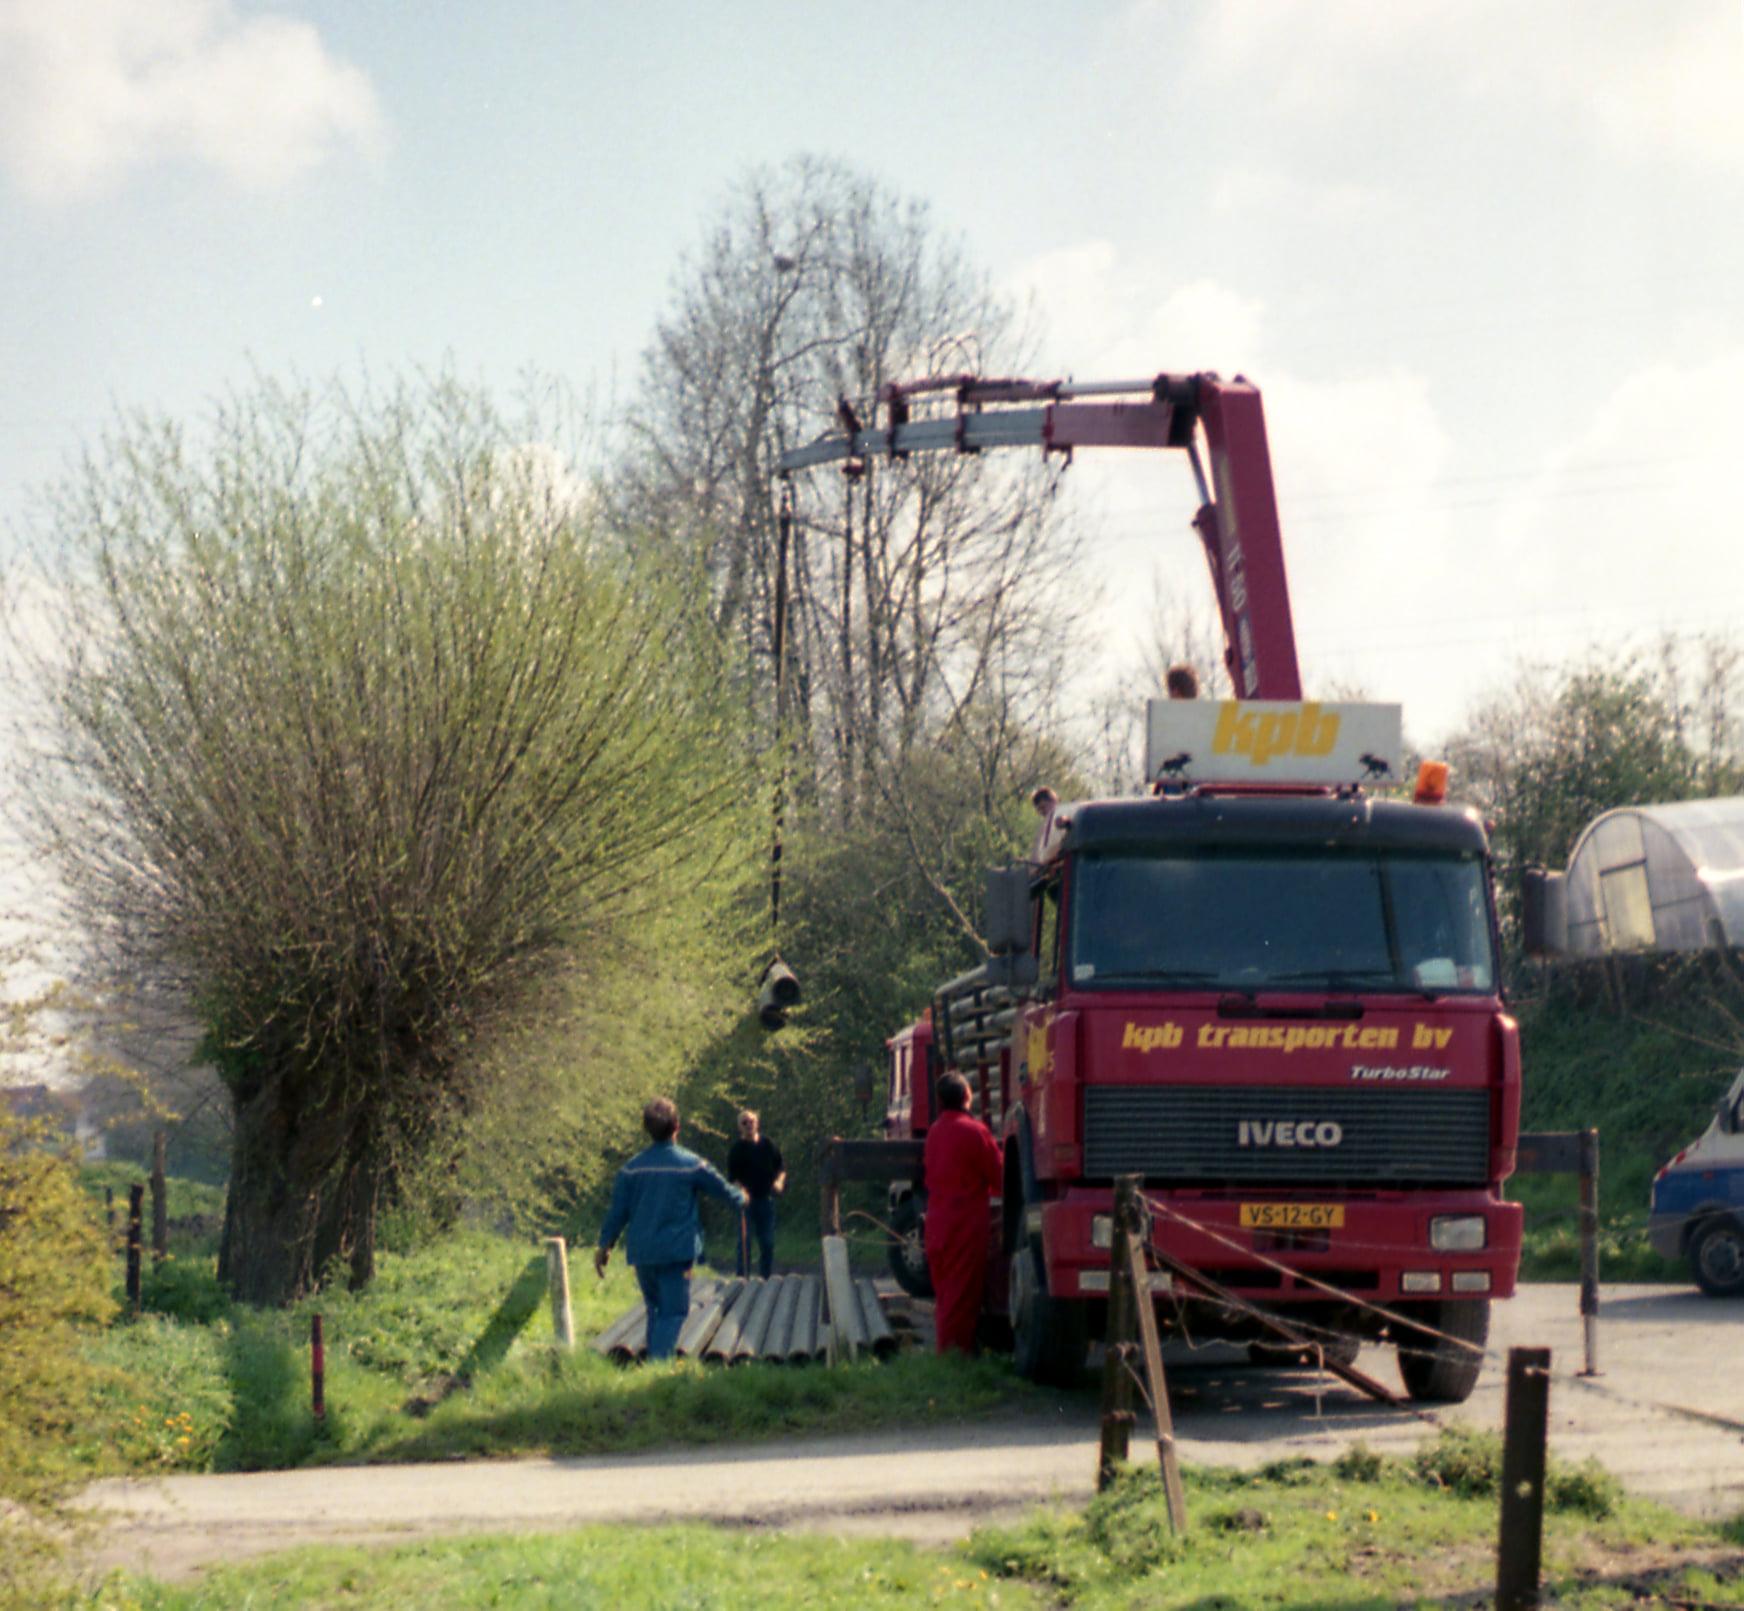 Ger-van-Vlimmeren-1995-gestrande-wagen-overladen-(1)